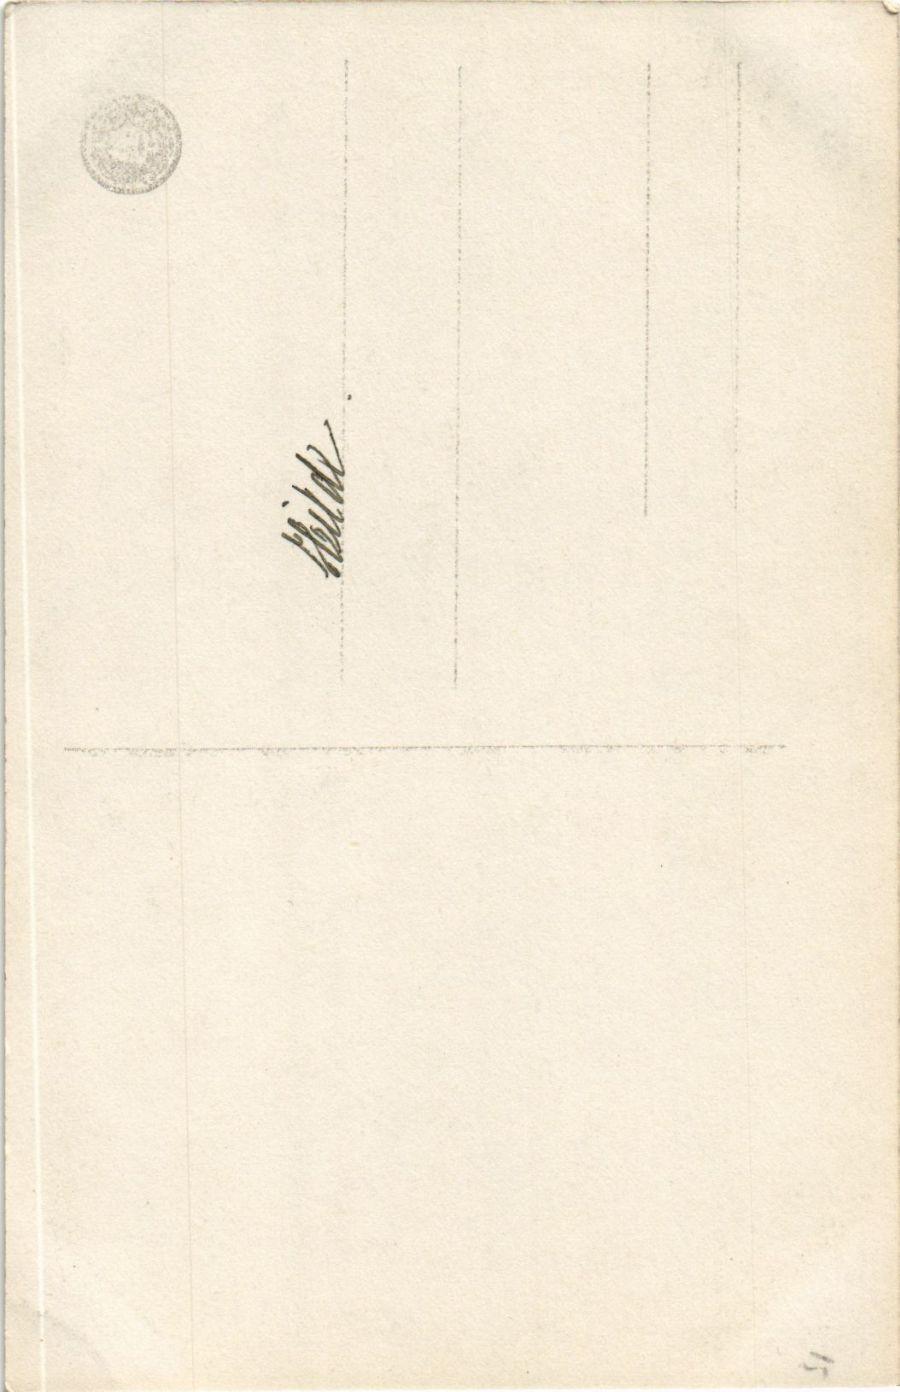 CPA-AK-Kaiser-Wilhelm-II-GERMAN-ROYALTY-867498 Indexbild 2